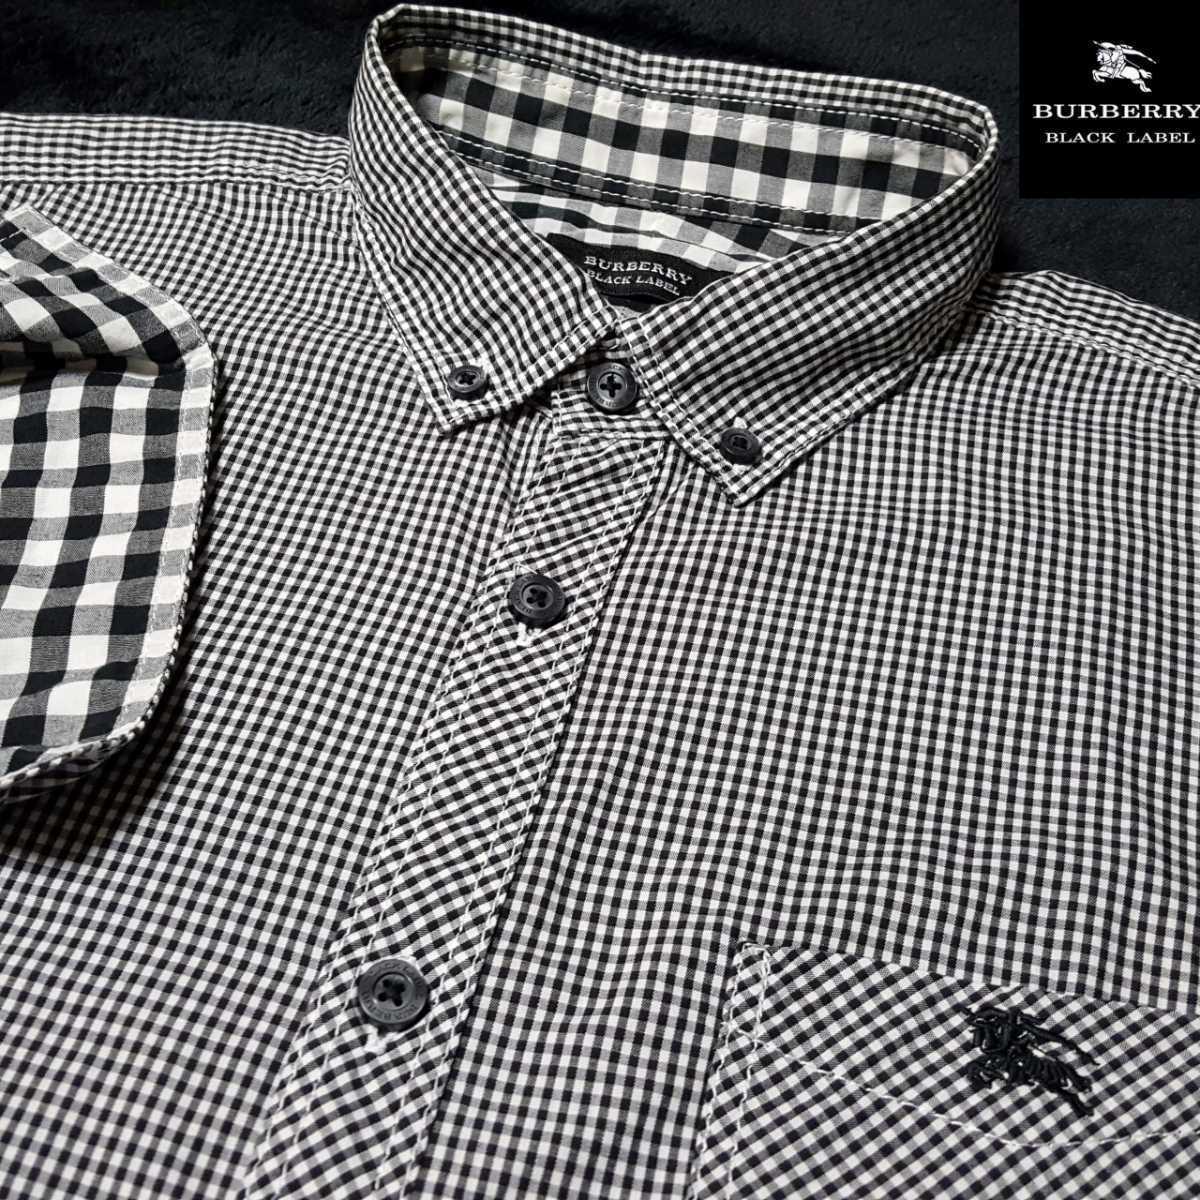 ◆極美品◆バーバリーブラックレーベル ホース刺繍 襟内・袖裏BIG格子 ギンガムチェック総柄(黒×白) 7分袖 ボタンダウンシャツ 3/L